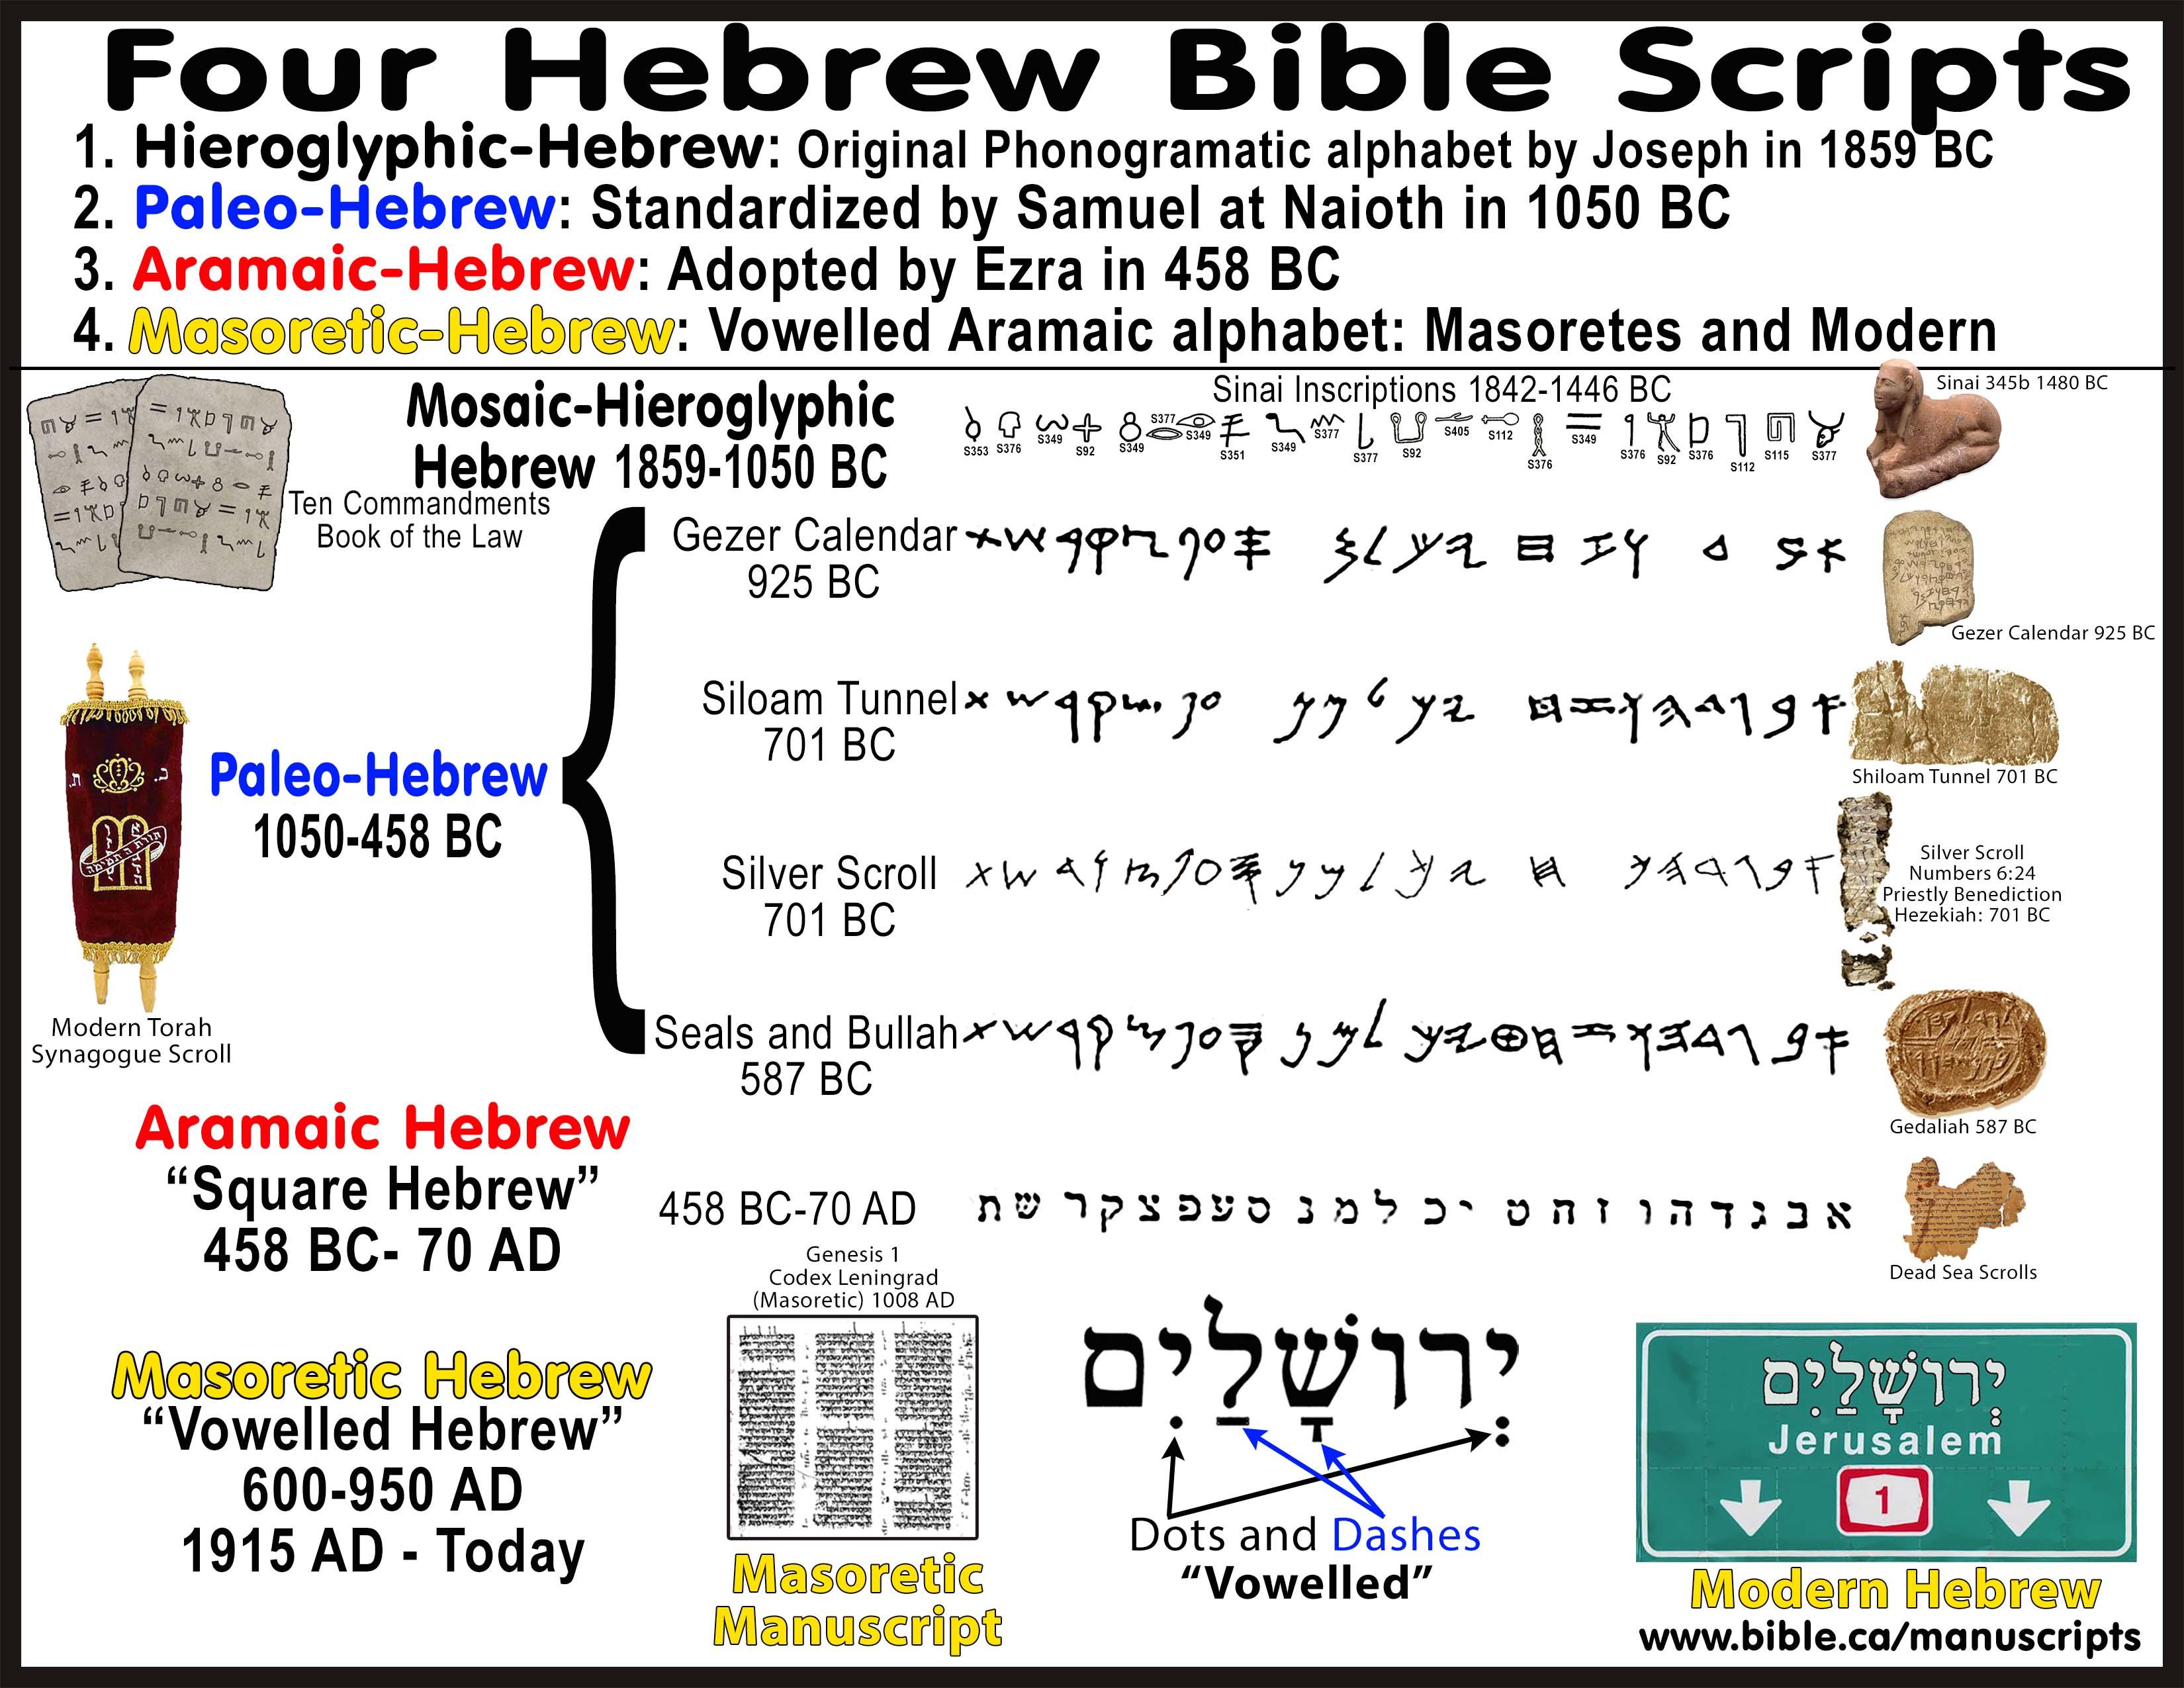 Quattuordecim Xiv Ezra Translated The Paleo Hebrew Manuscripts Into Aramaic Hebrew 458 Bc